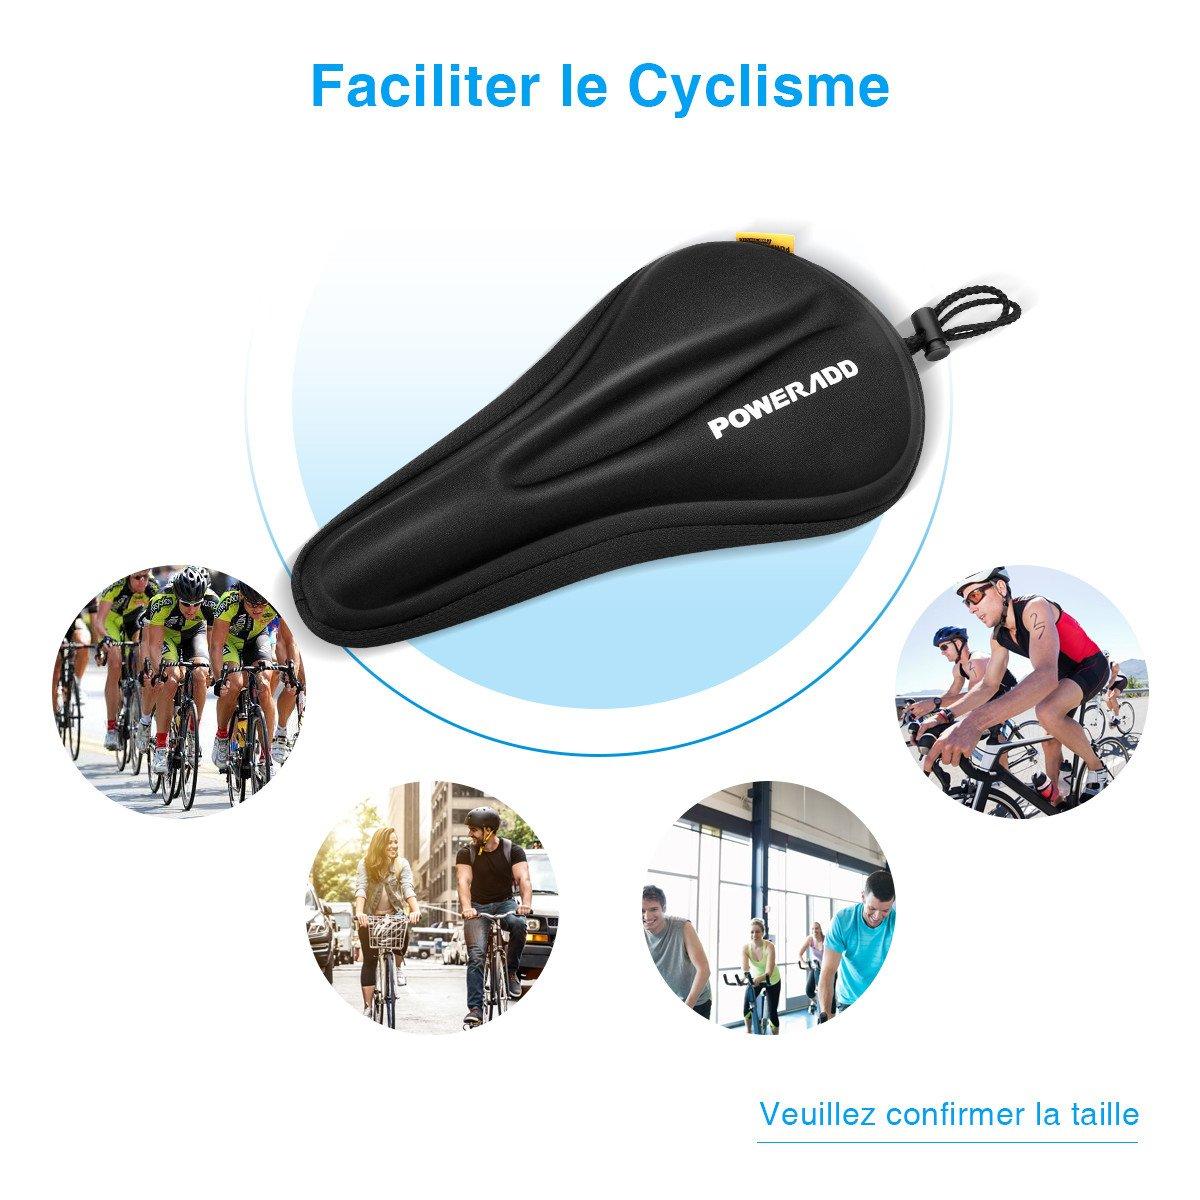 Poweradd Selle siège de vélo en gel coussin de vélo sur la route extrêmement doux et confortable pour le cyclisme et bicyclette extérieur